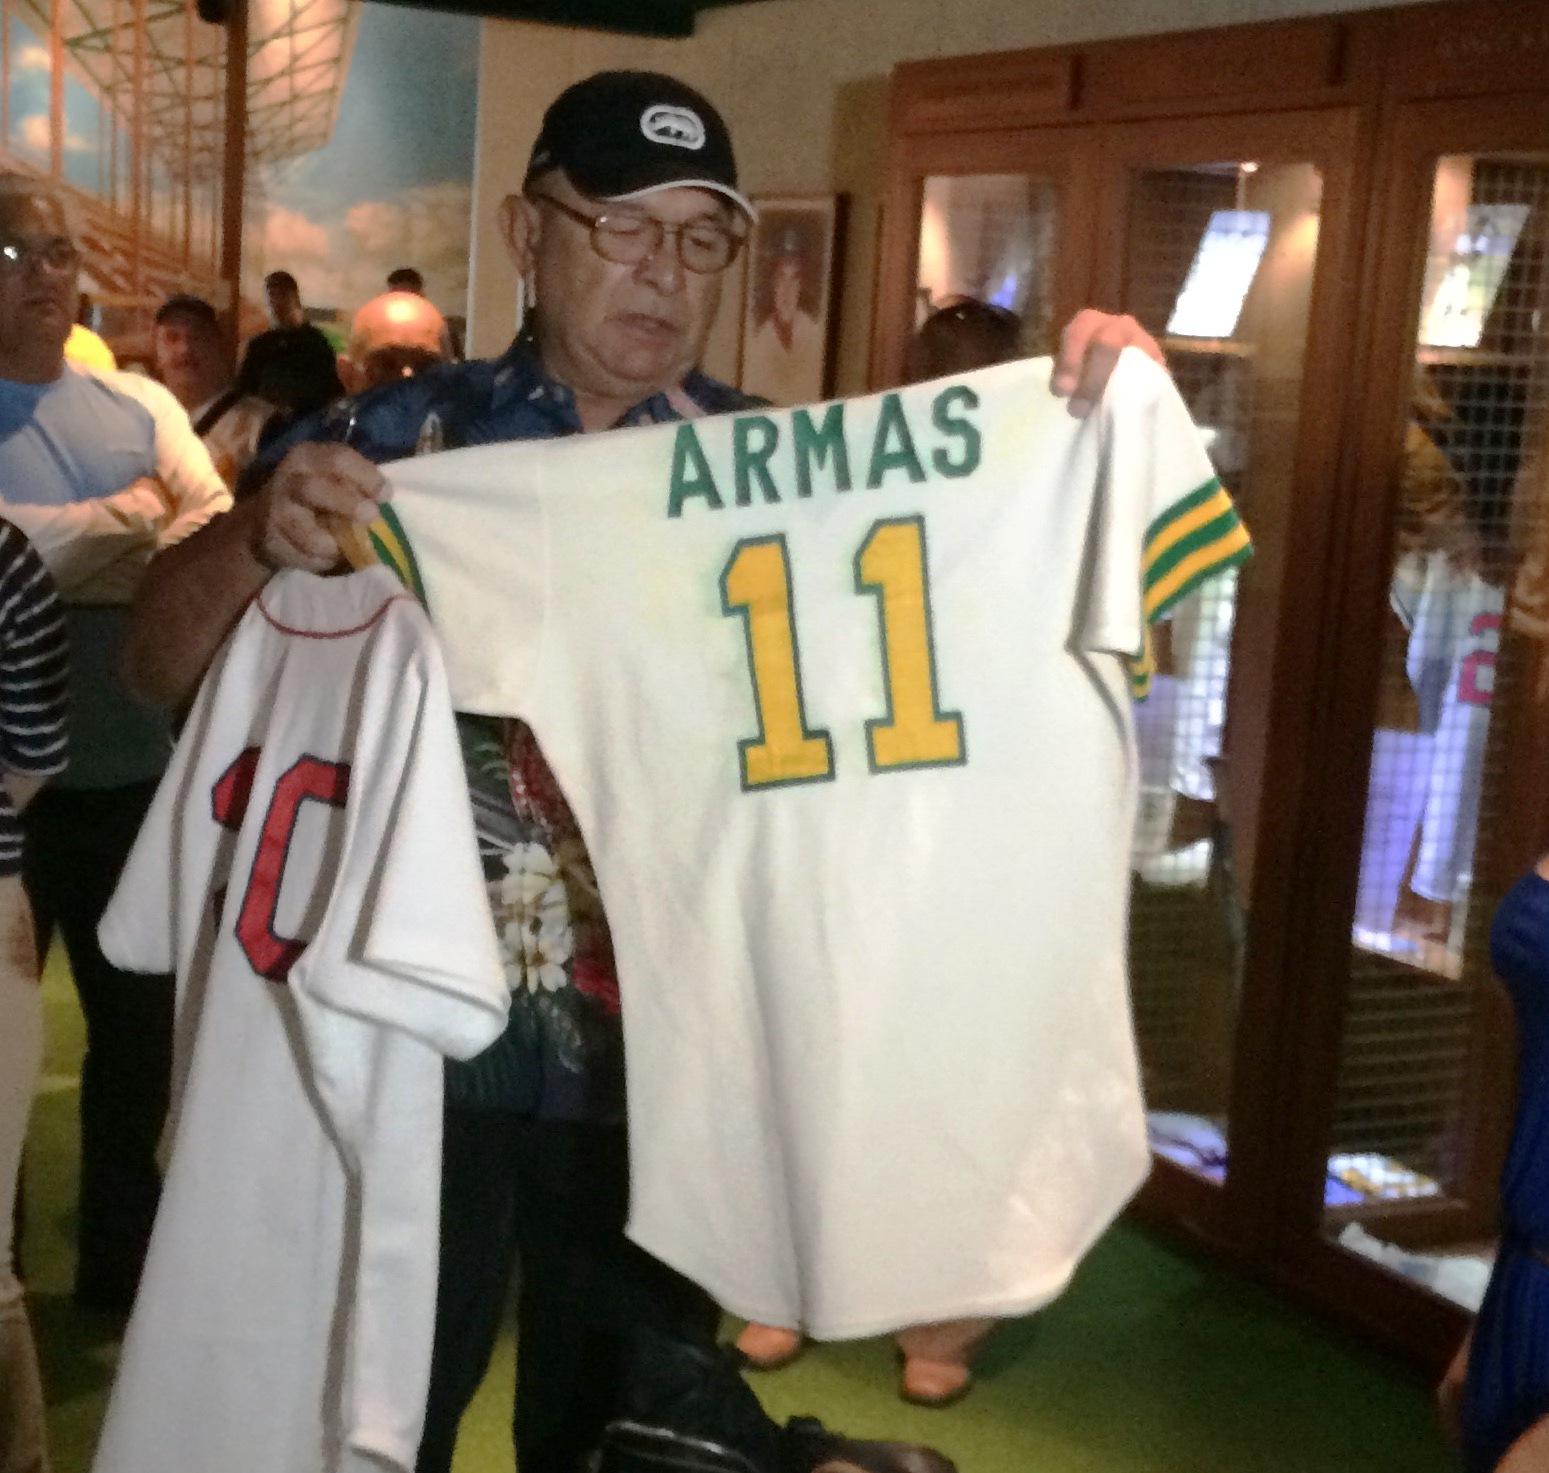 En 1982: Antonio Armas, right fielder de los Atléticos, establece récord de liga grande al realizar 11 outs y 12 lances en Toronto.